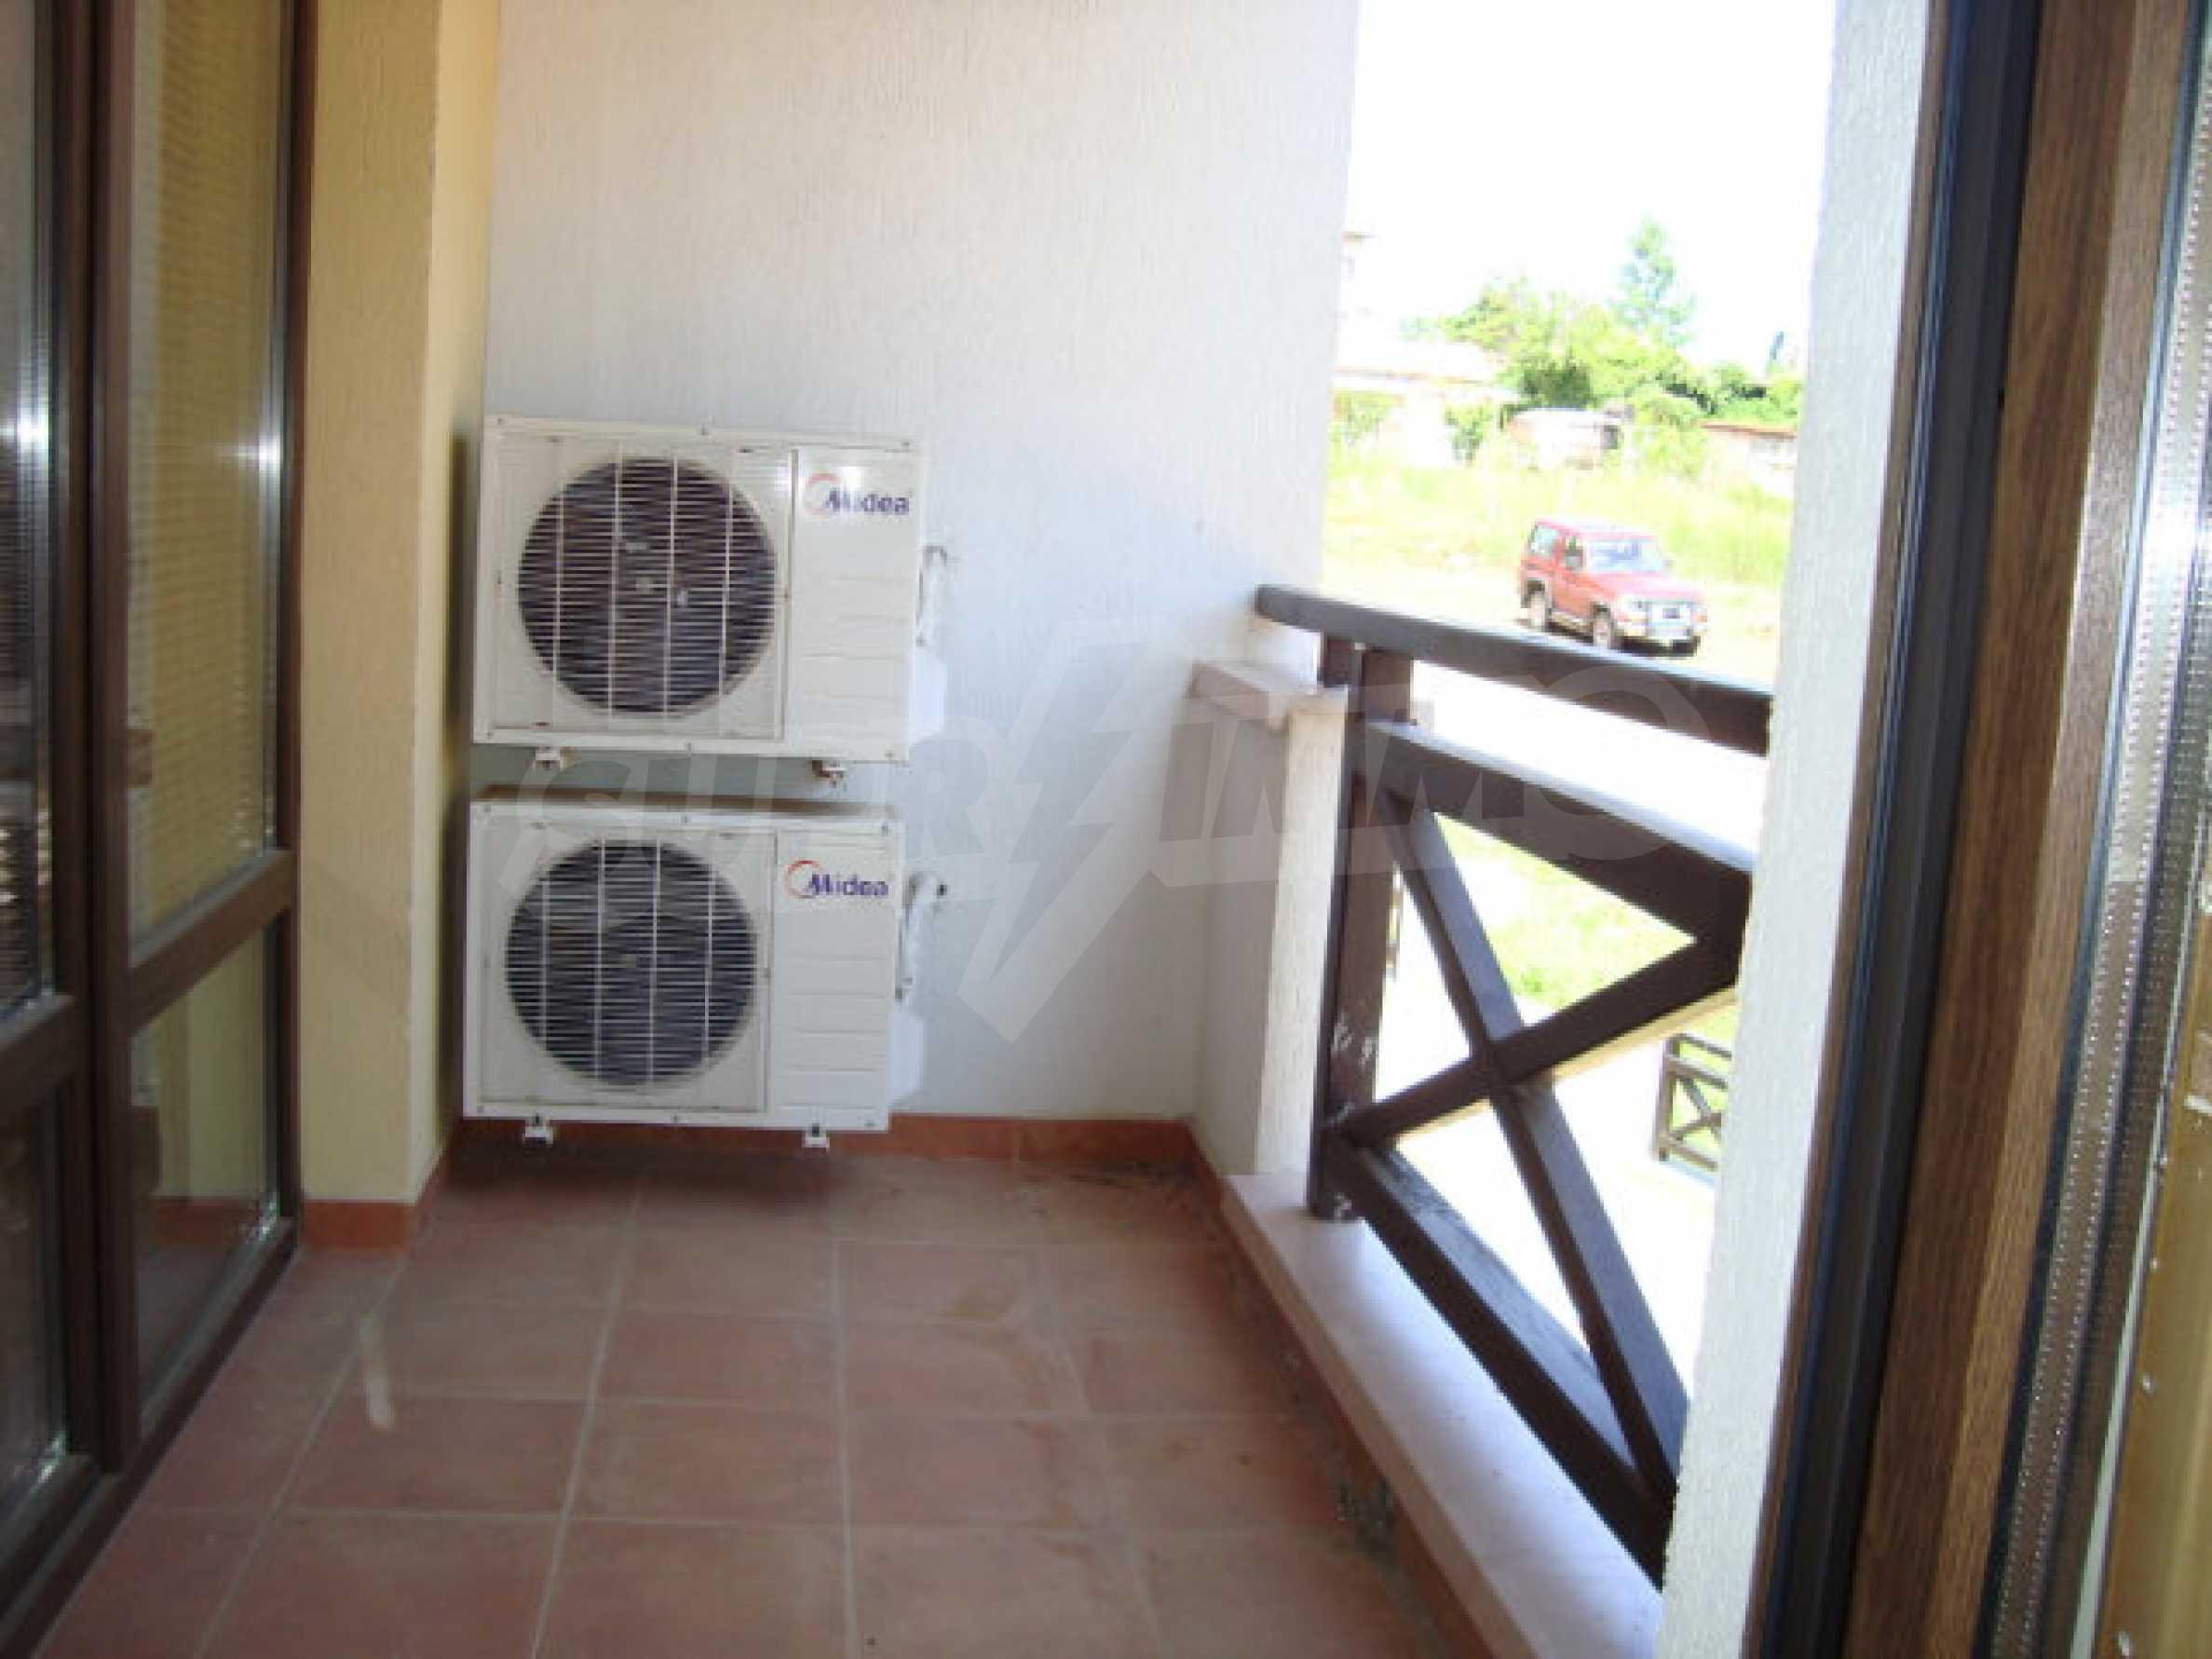 Zwei-Zimmer-Wohnung in Saint Nicholas Komplex in Chernomorets 19